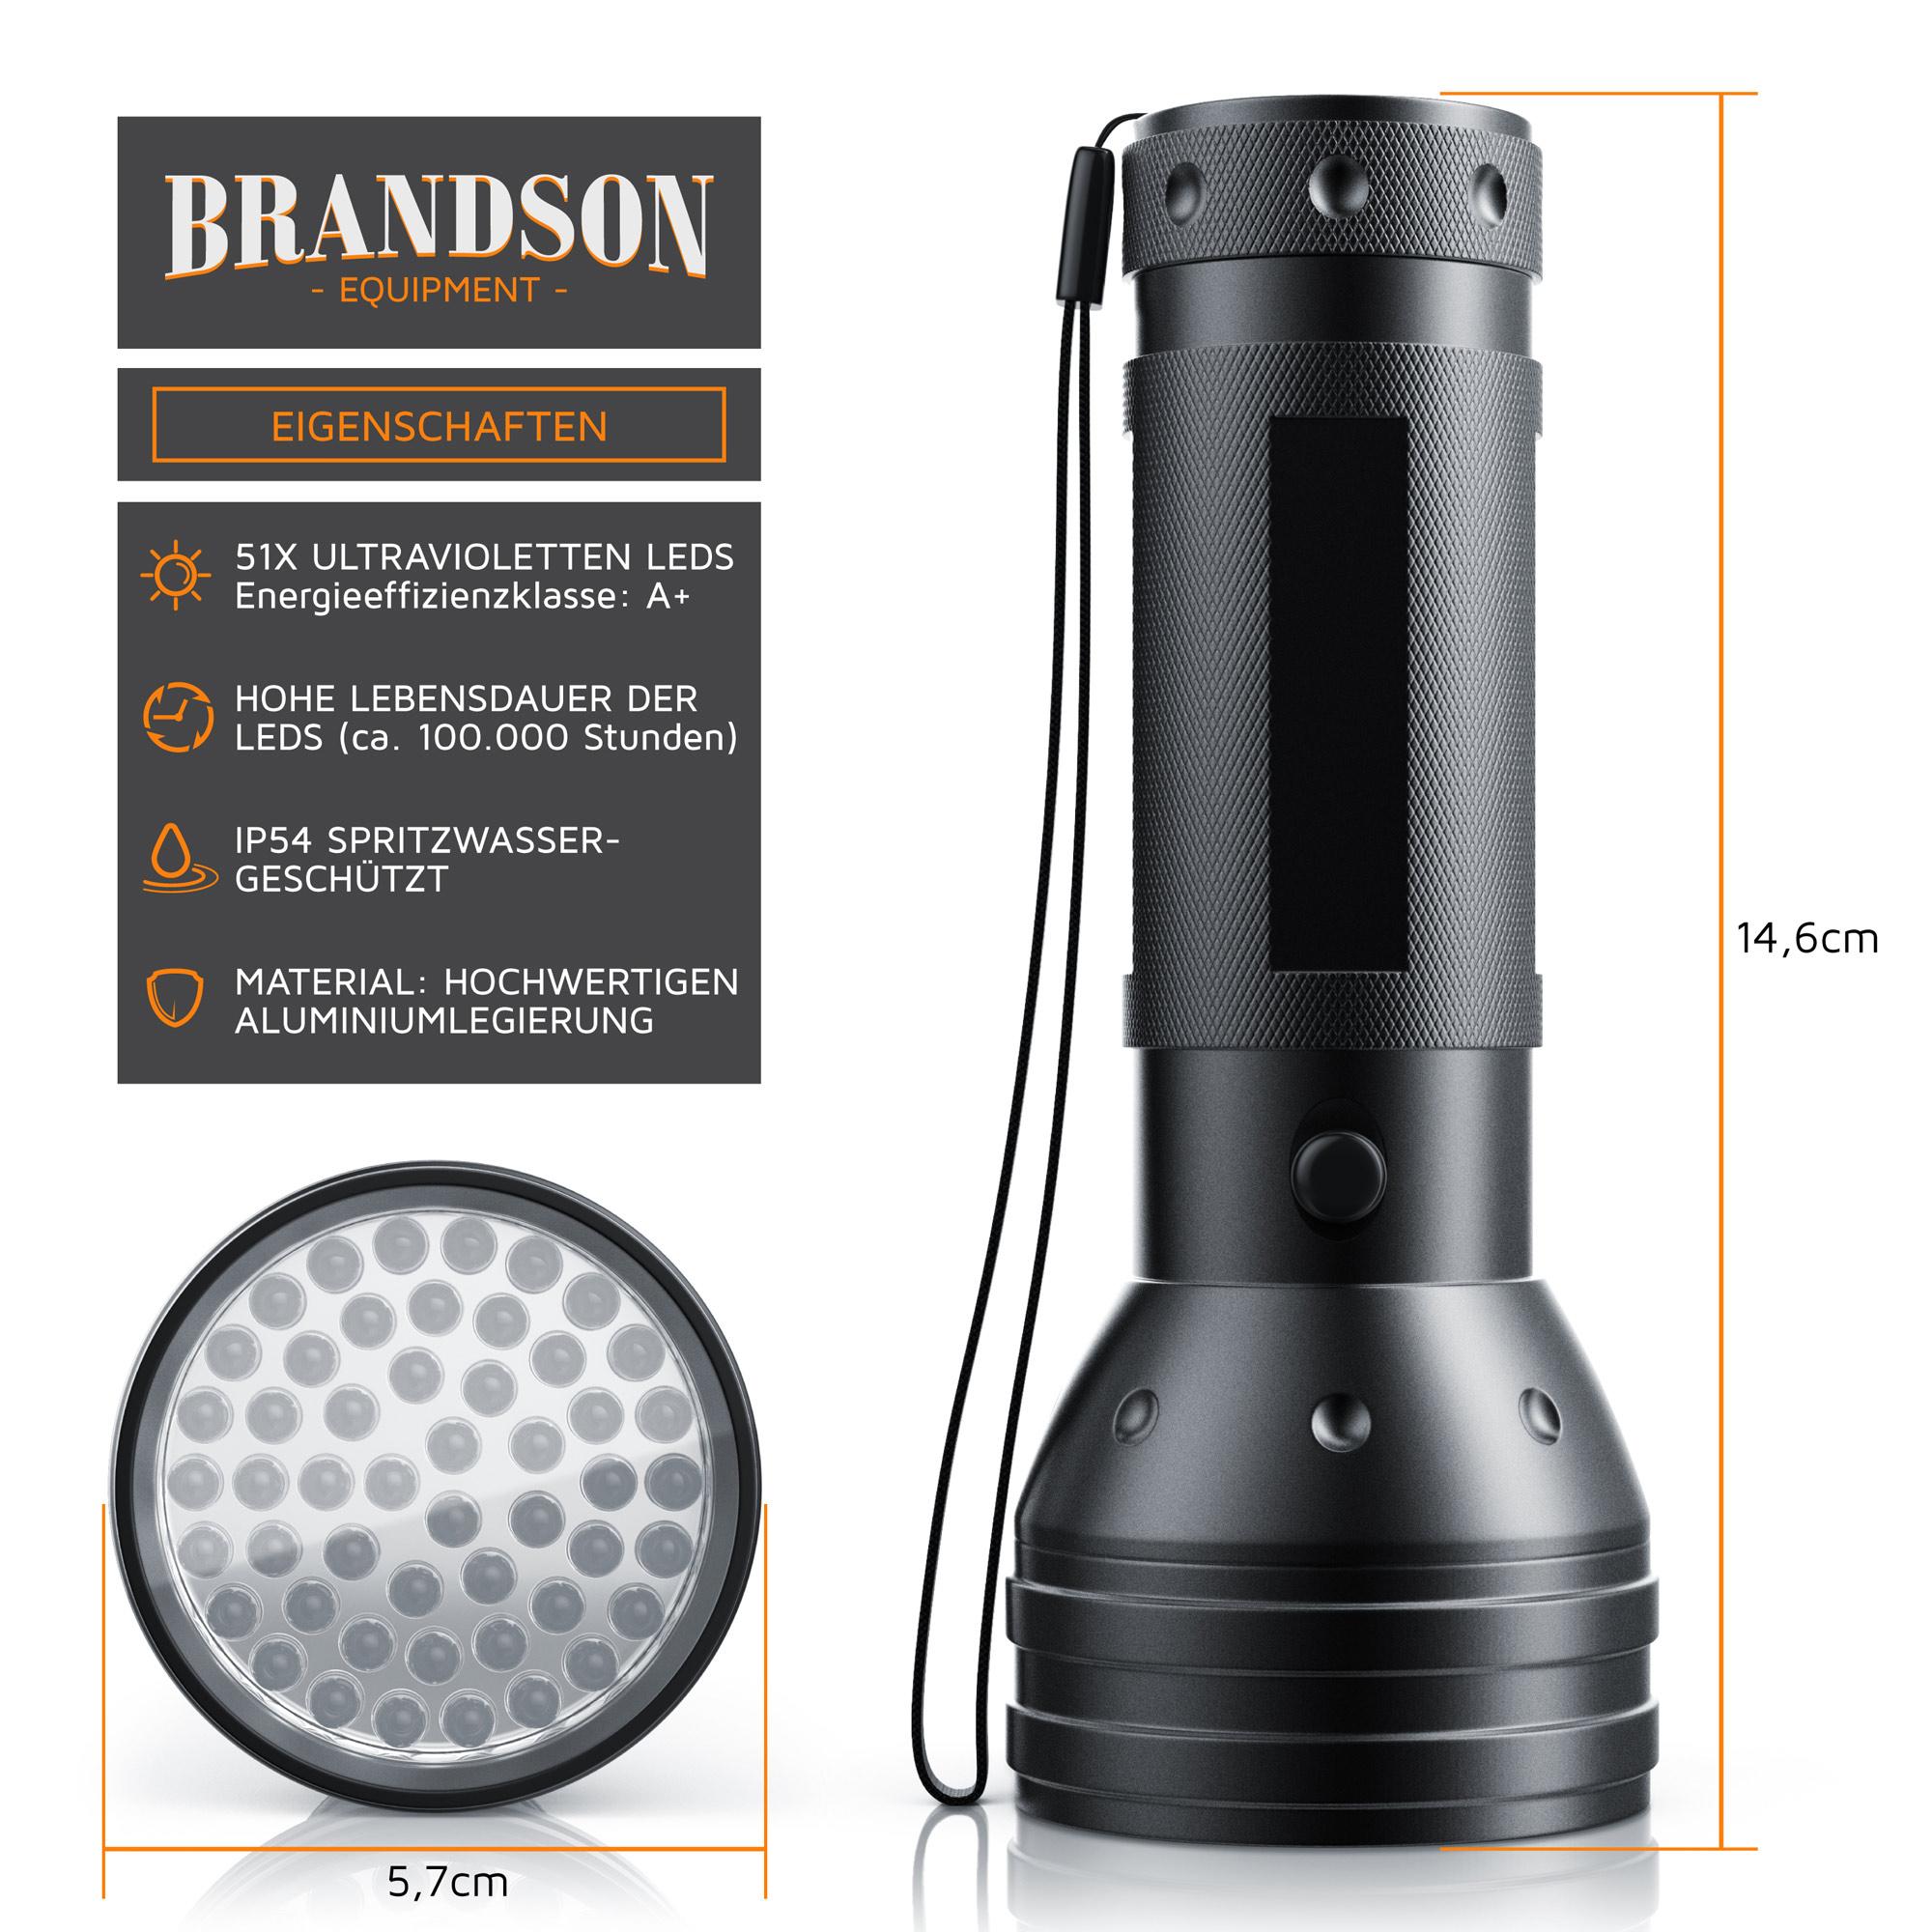 303078-LED-UV-Taschenlampe_grafik.jpg